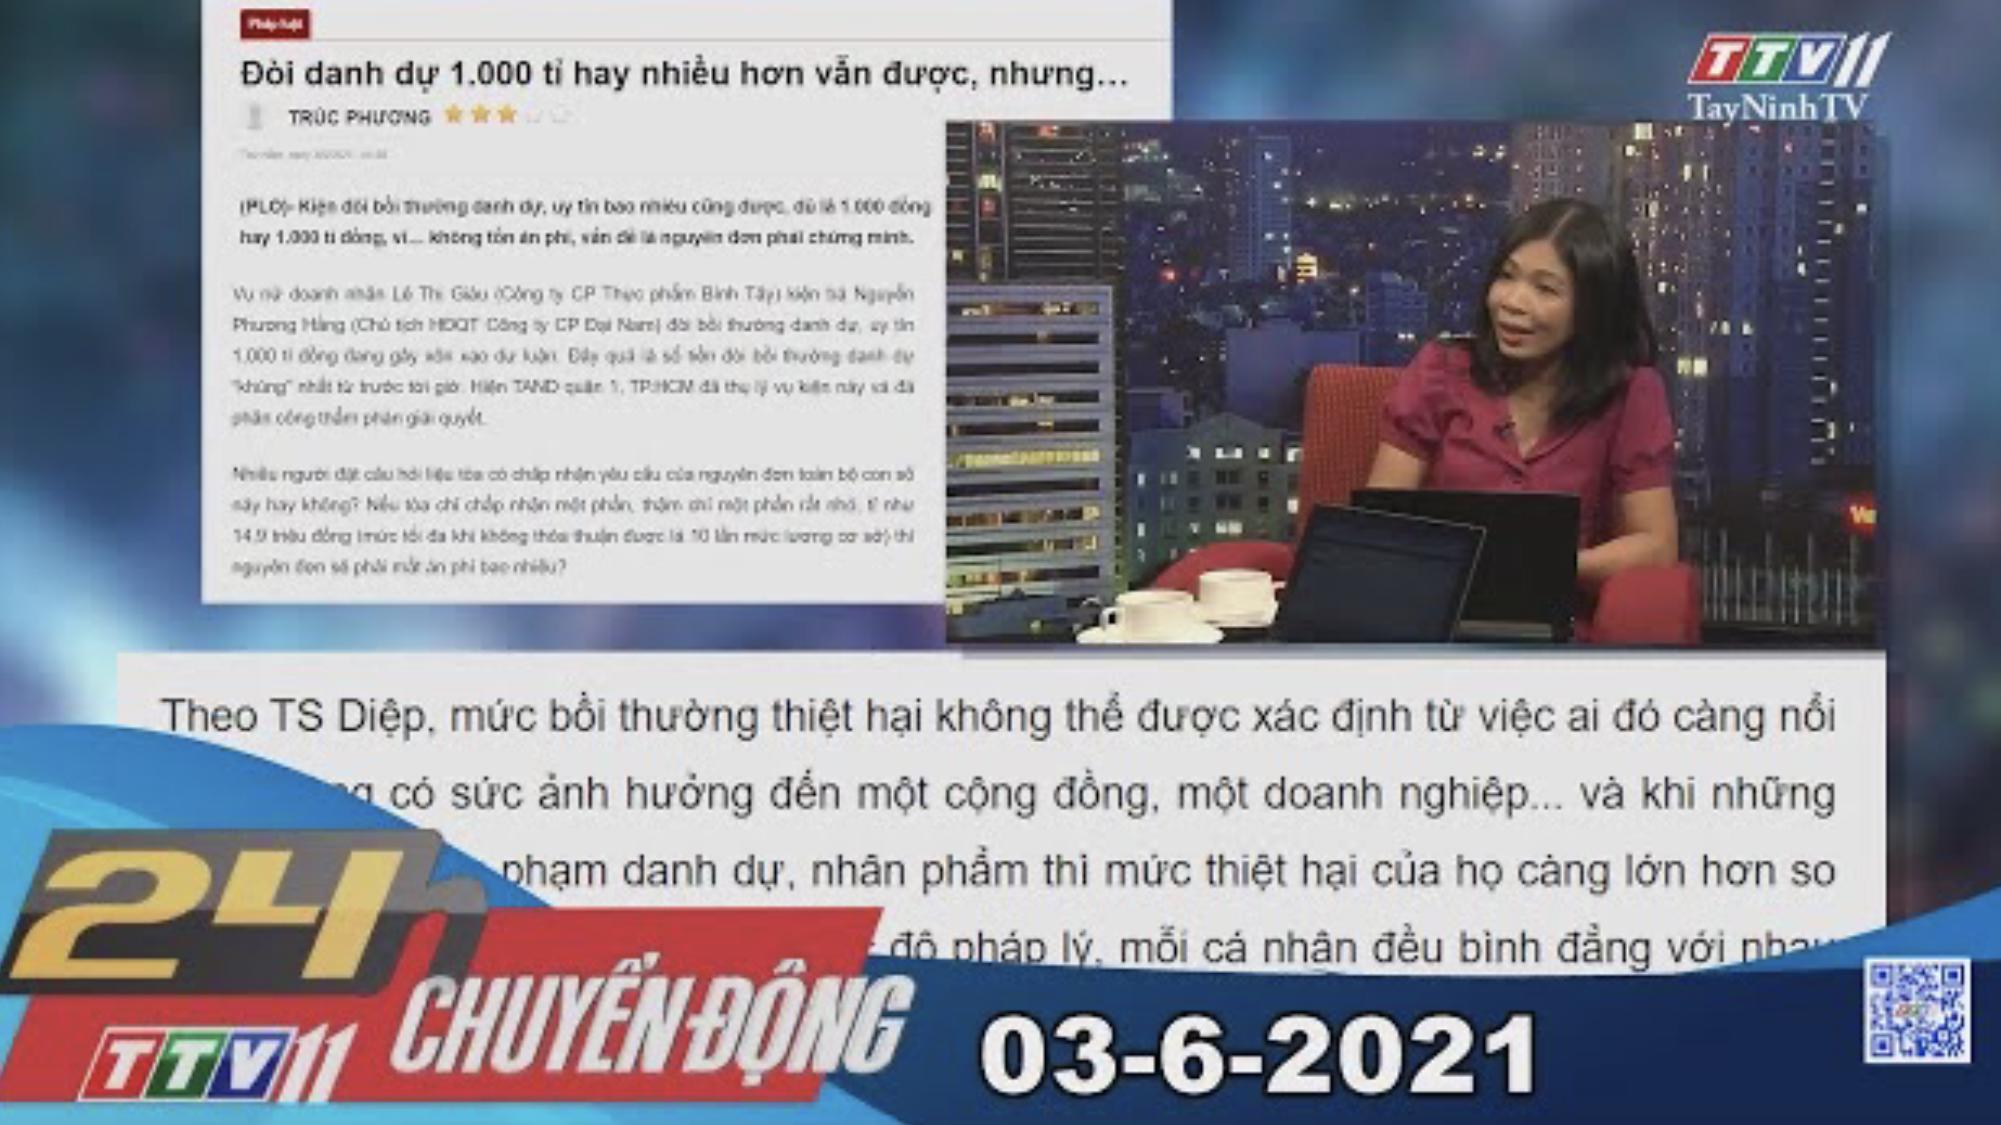 24h Chuyển động 03-6-2021 | Tin tức hôm nay | TayNinhTV